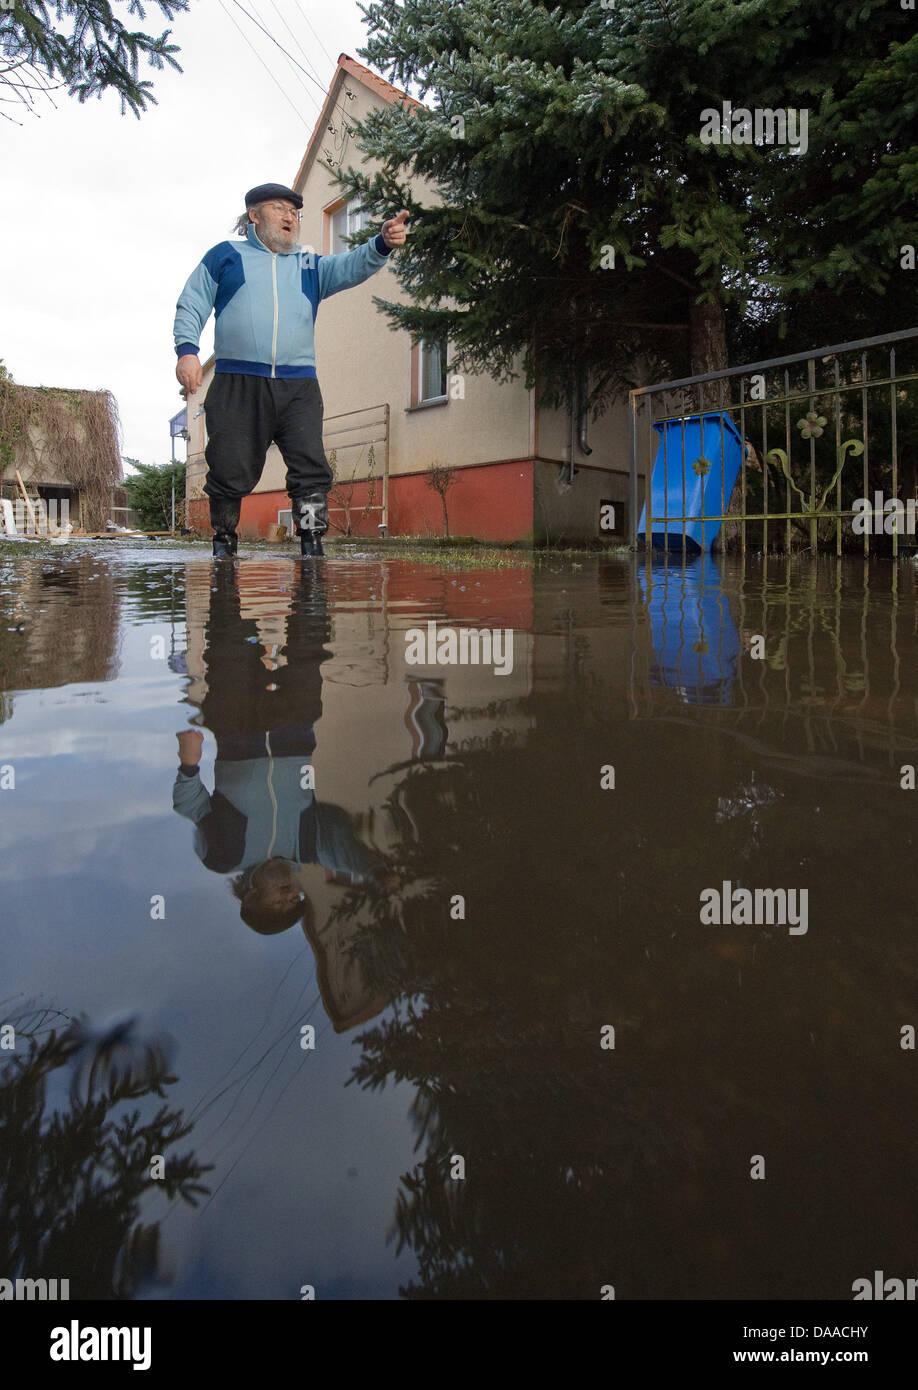 Hauseigentümer Horst Eisenblaetter steht Oin die Flut vor seinem überfluteten Haus während der Flut Stockbild